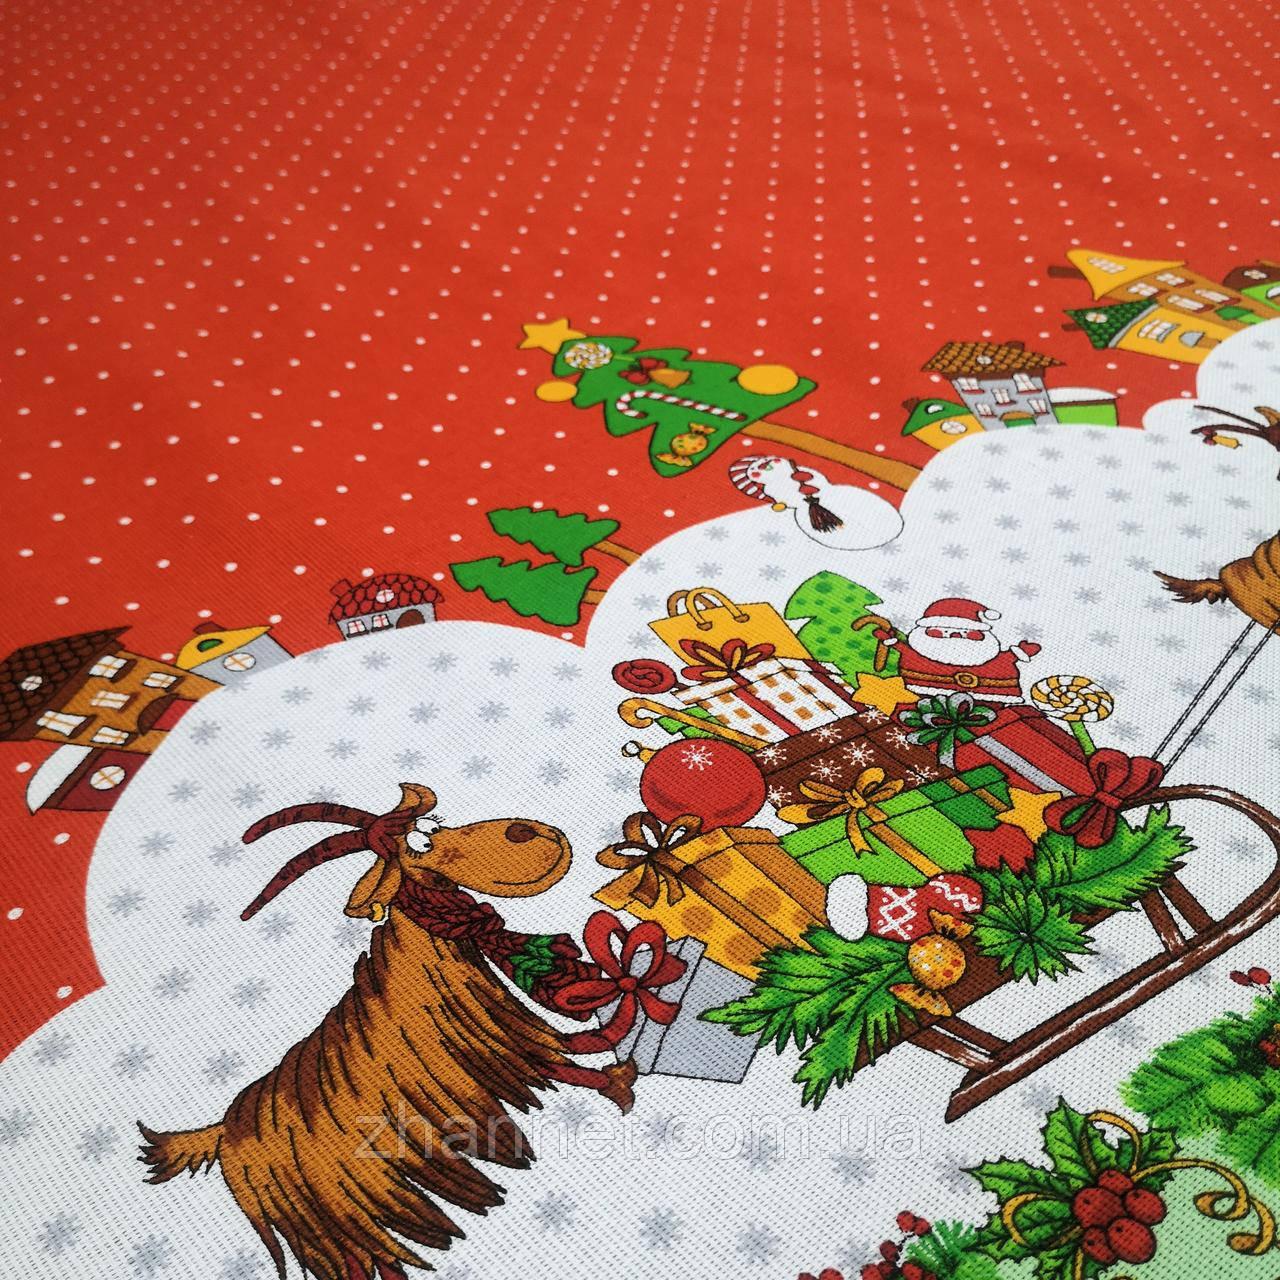 Ткань для новогодней скатерти рогожка Вертеп 150 см